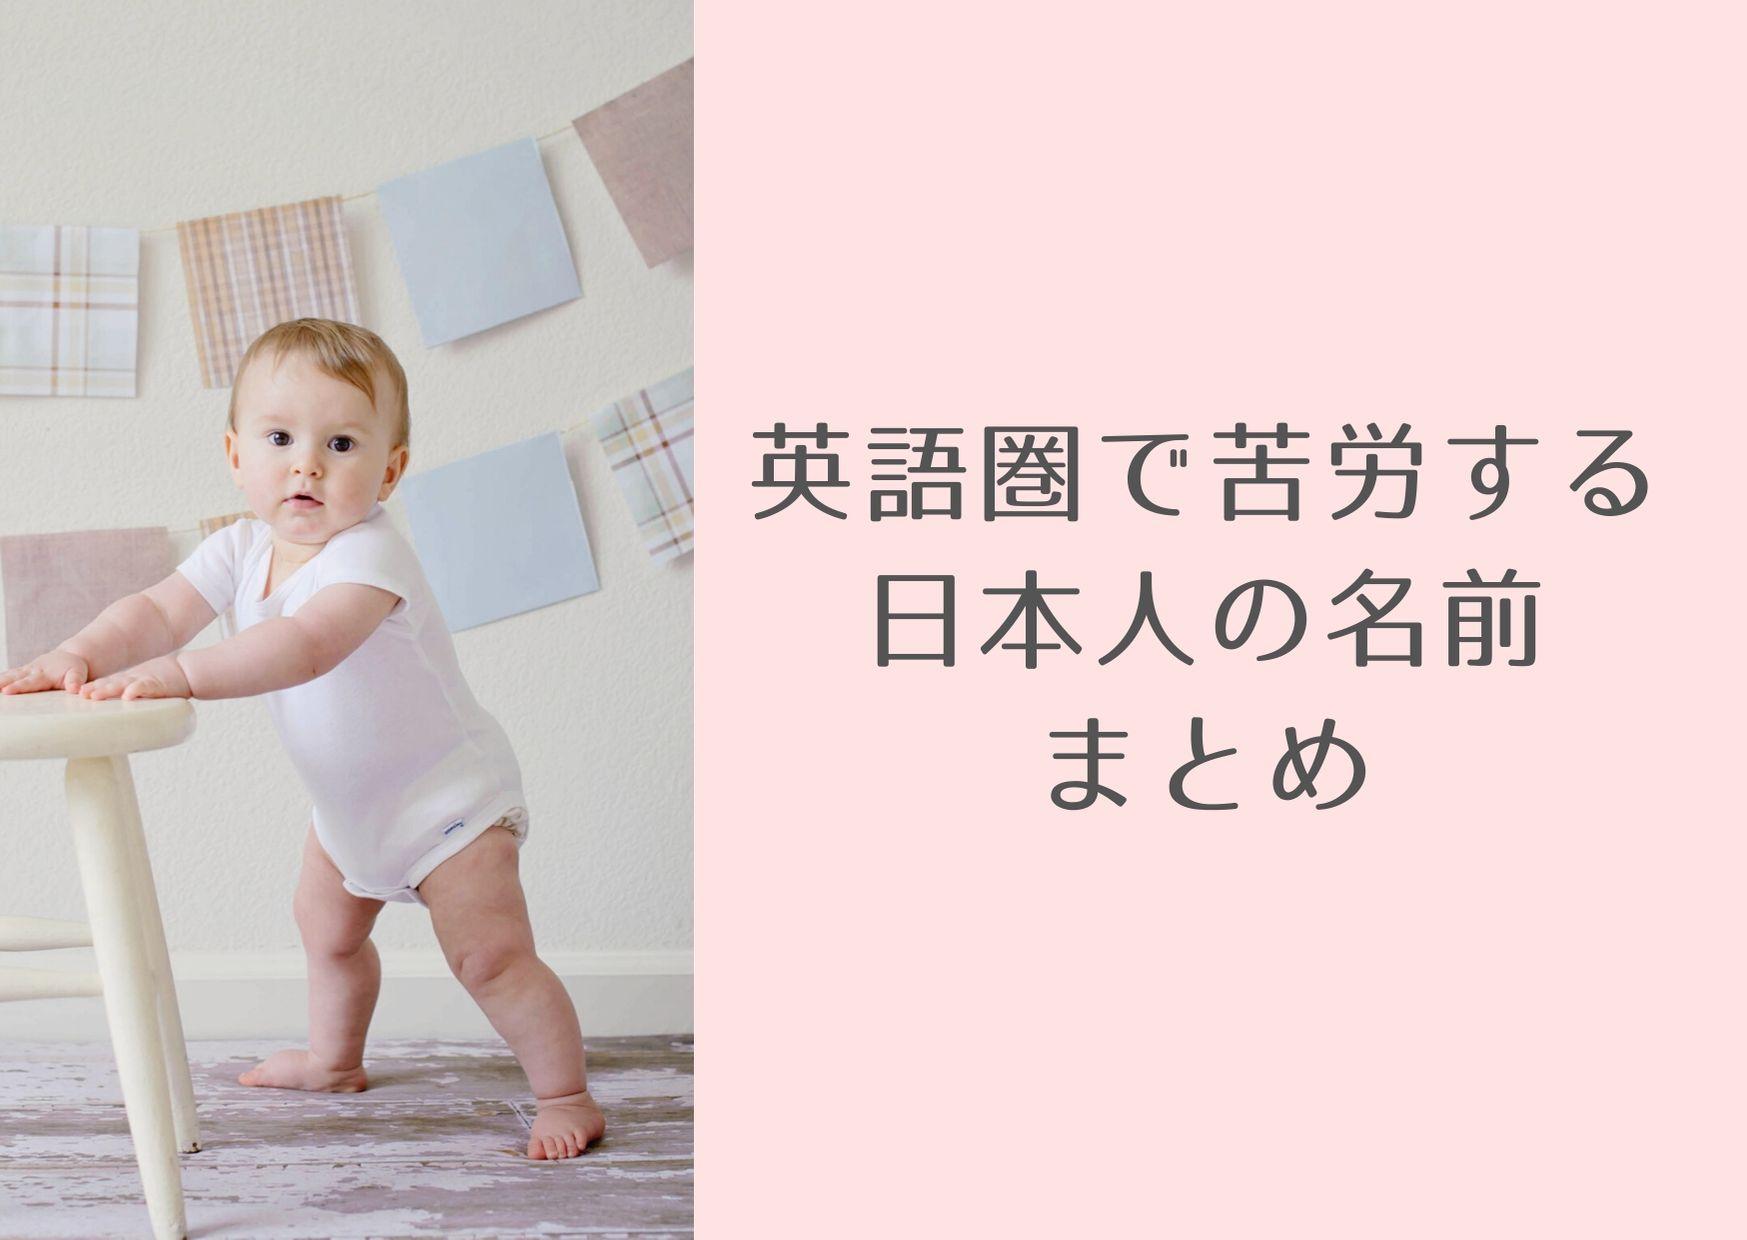 英語だと変な意味で聞こえる?誤解されやすい日本人の名前まとめ